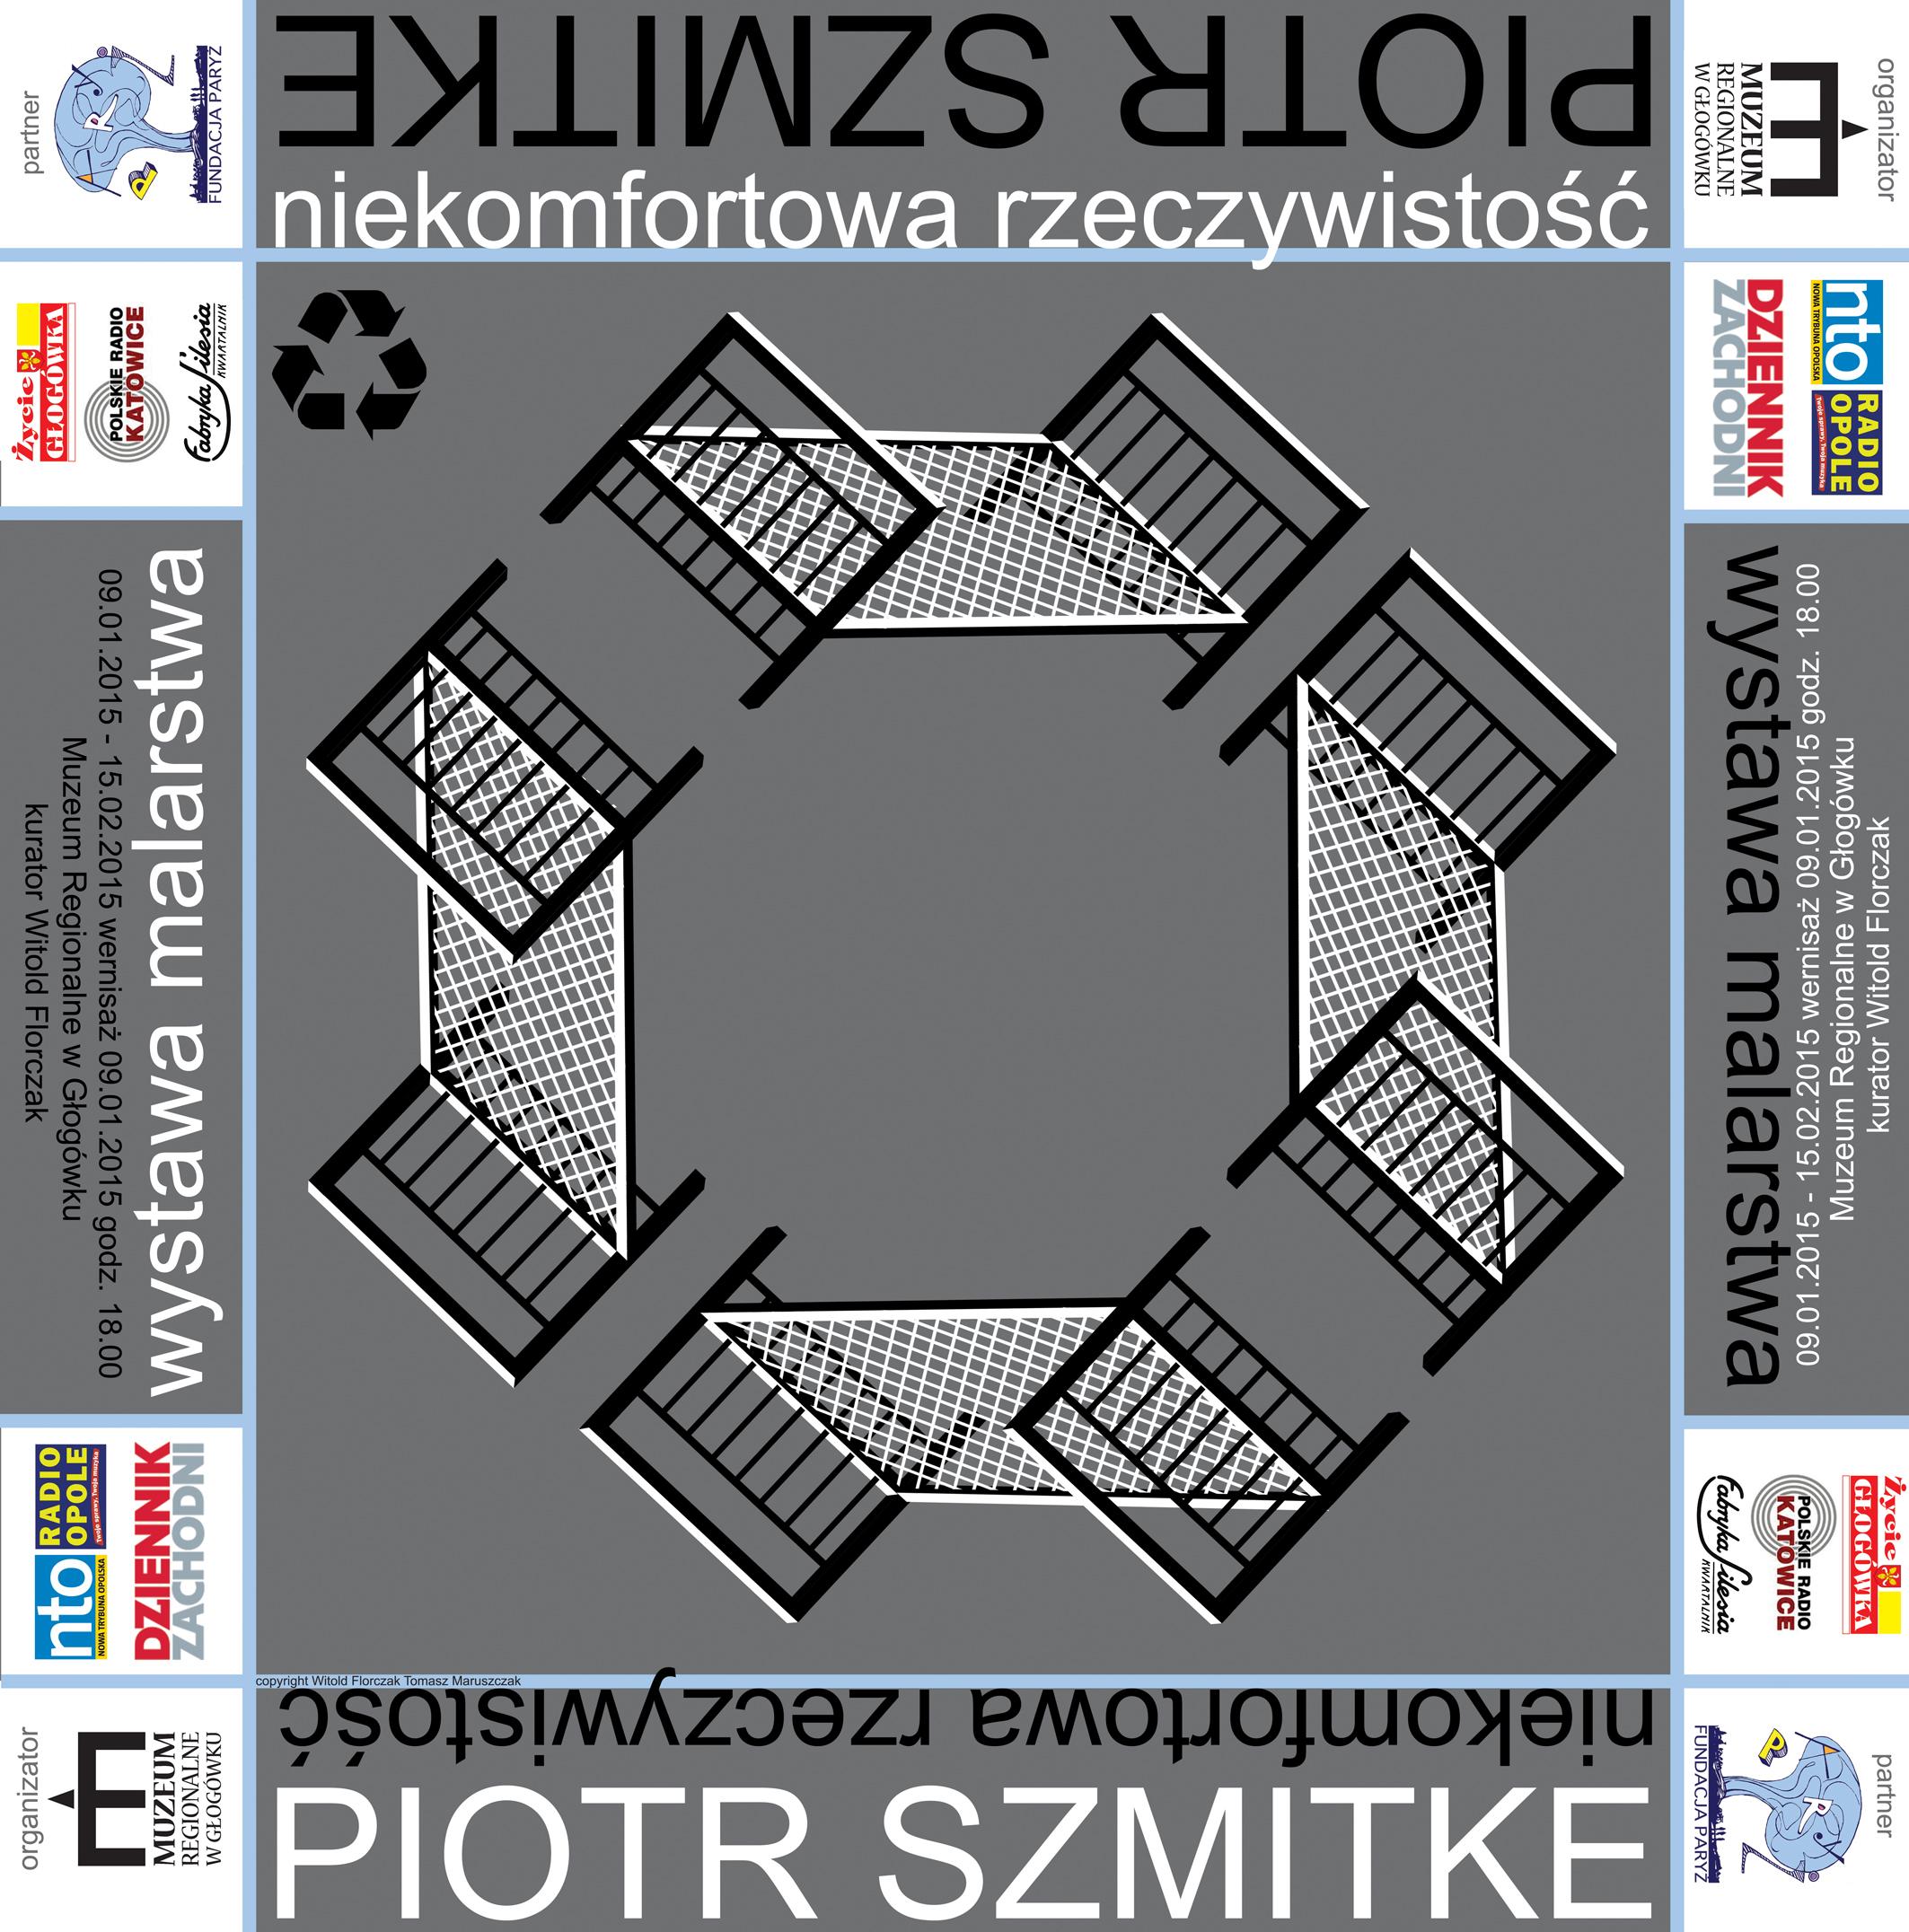 Piotr Szmitke_plakat_Niekomfortowa_rzeczywistosc